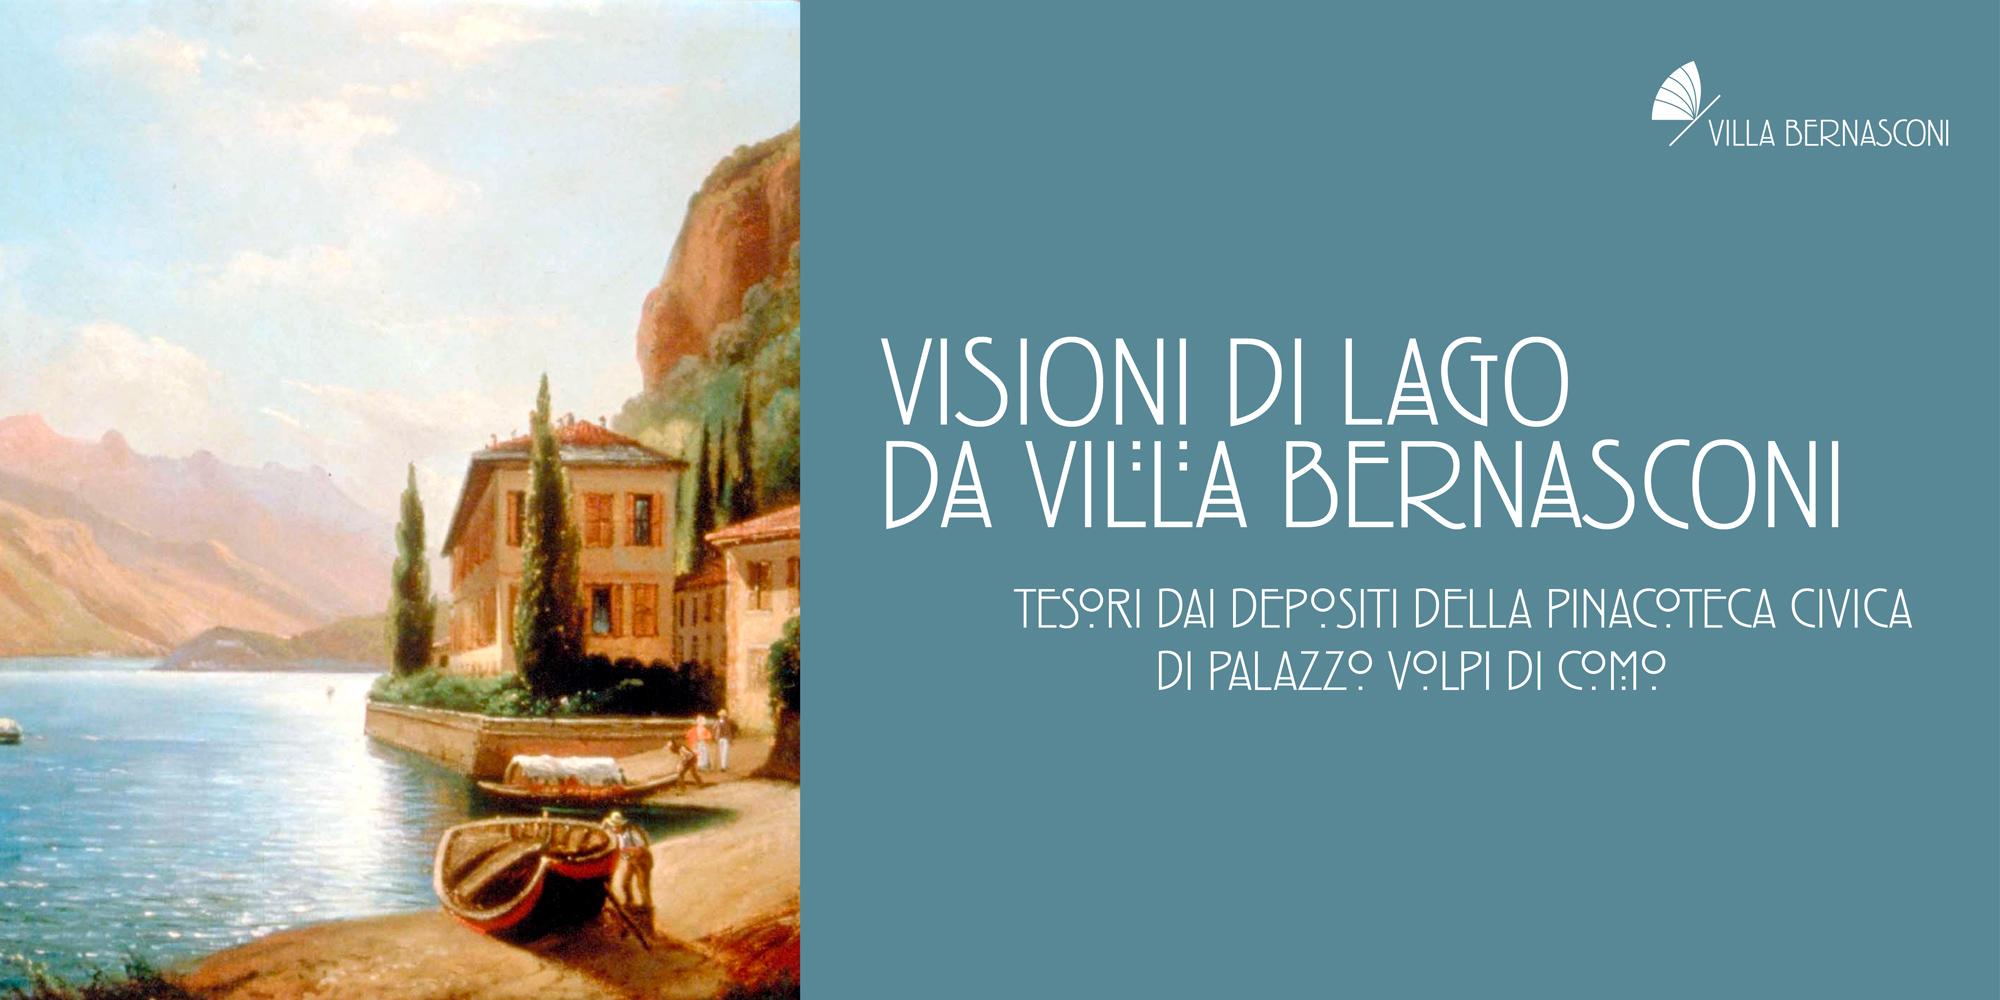 """""""VISIONI DI LAGO DA VILLA BERNASCONI"""": IN MOSTRA DAL 14 MAGGIO 2021"""